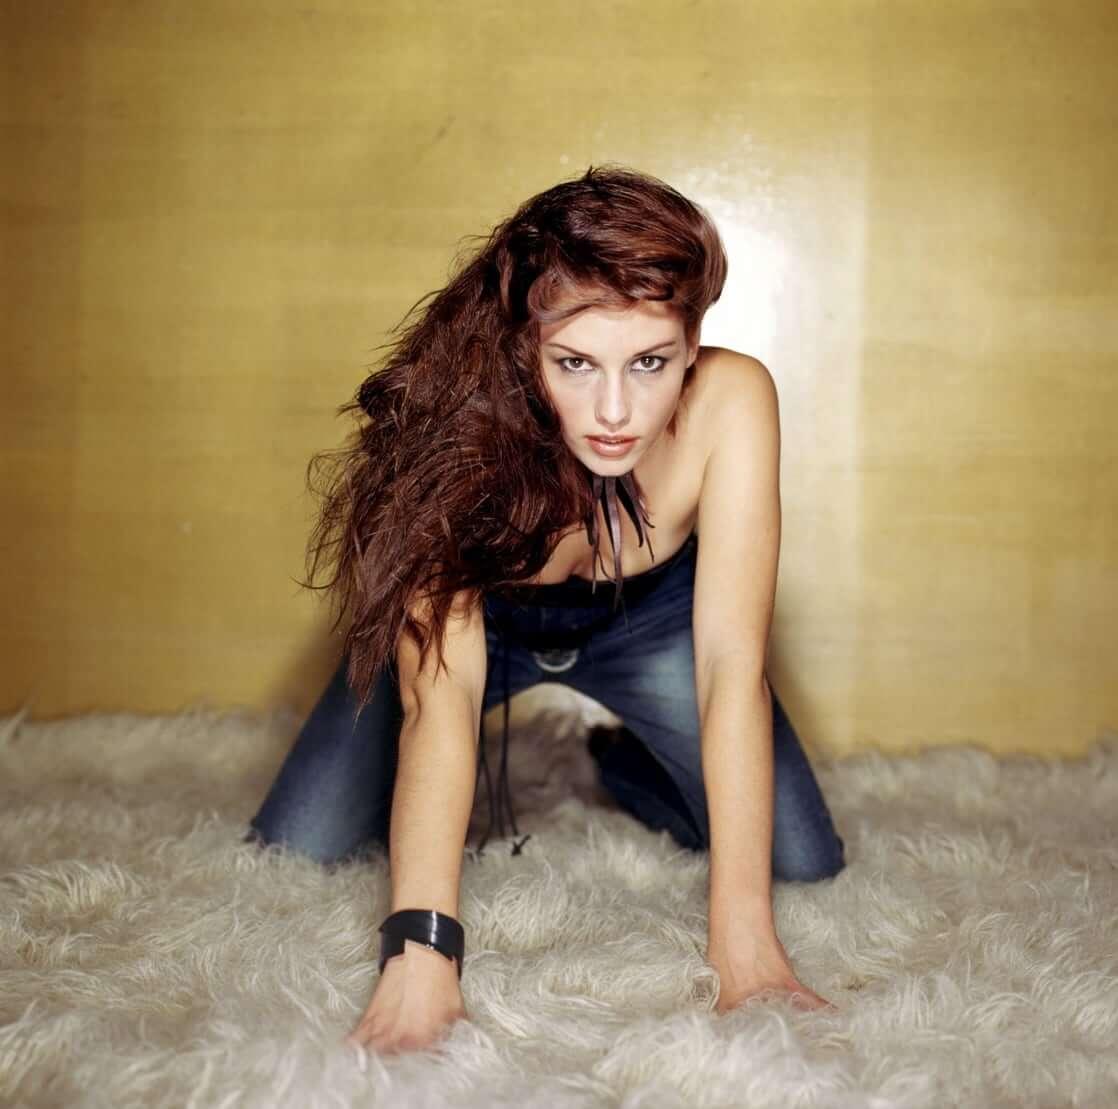 chyler-leigh-sexy-pics